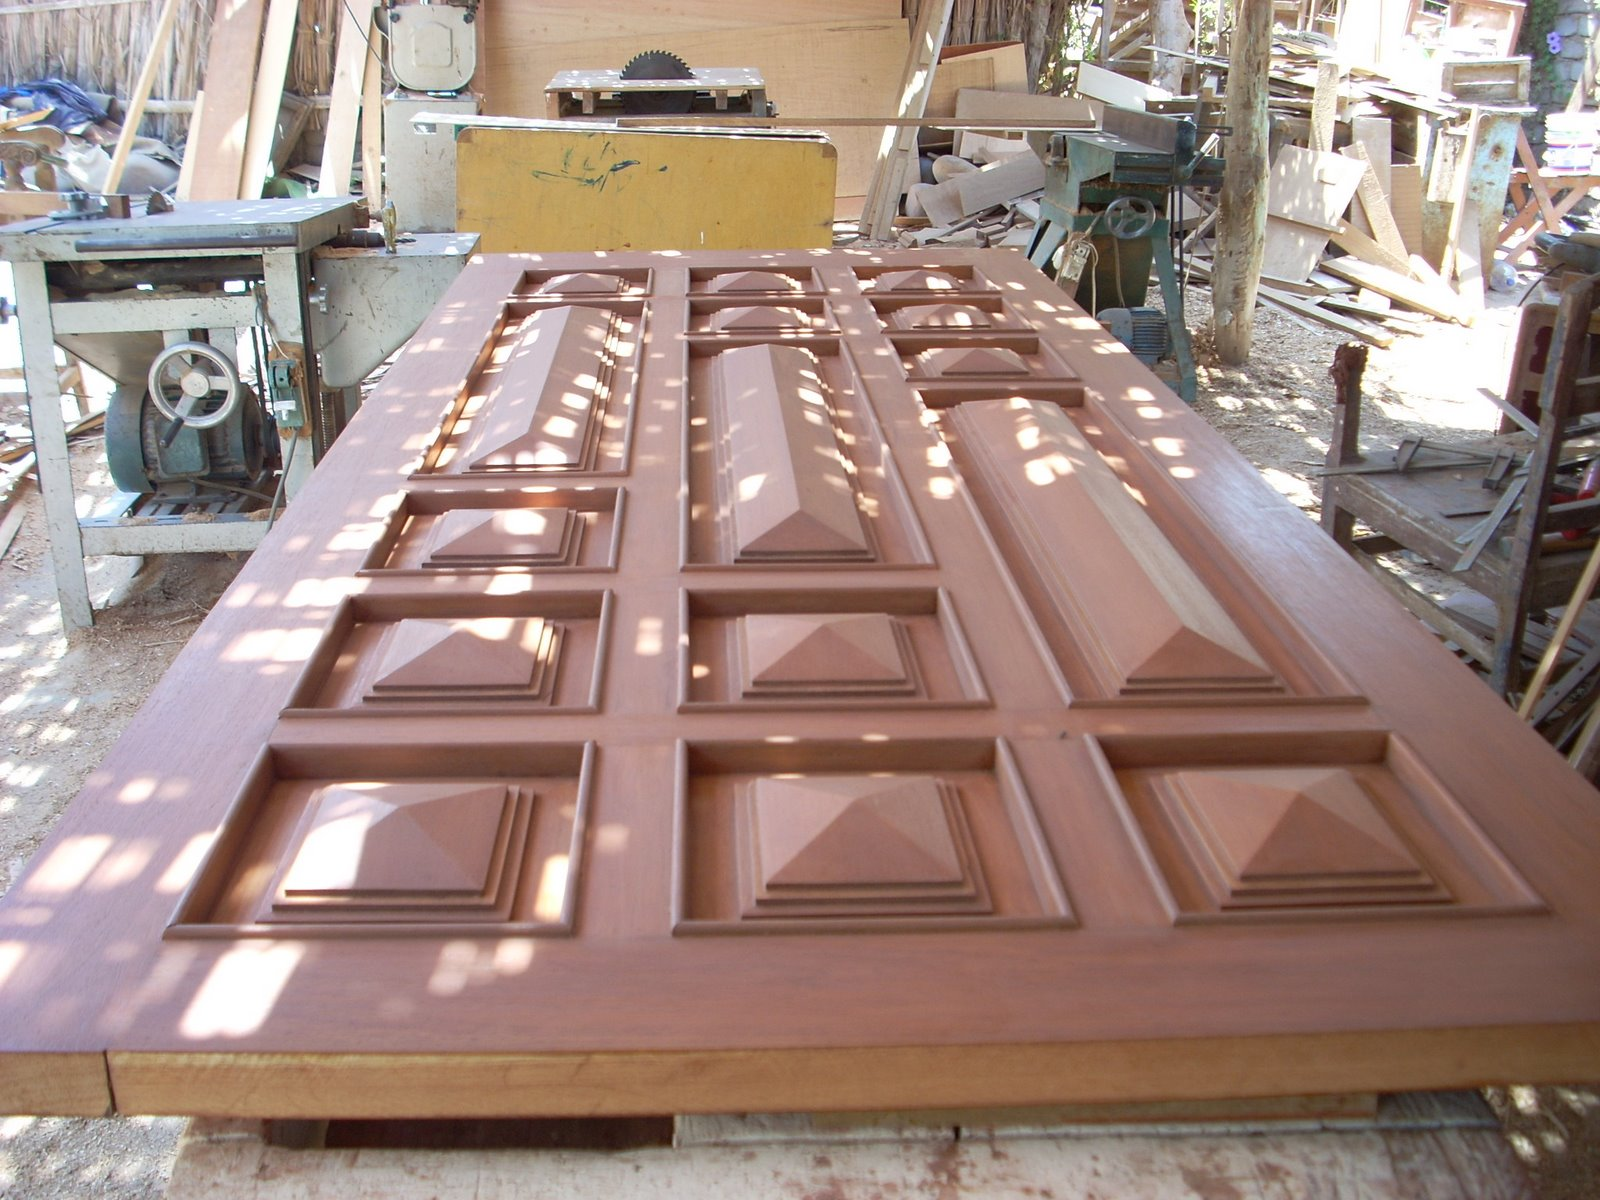 Fabrica Y Venta De Muebles Paginas Recomendadas # Muebles Domingo Los Montesinos